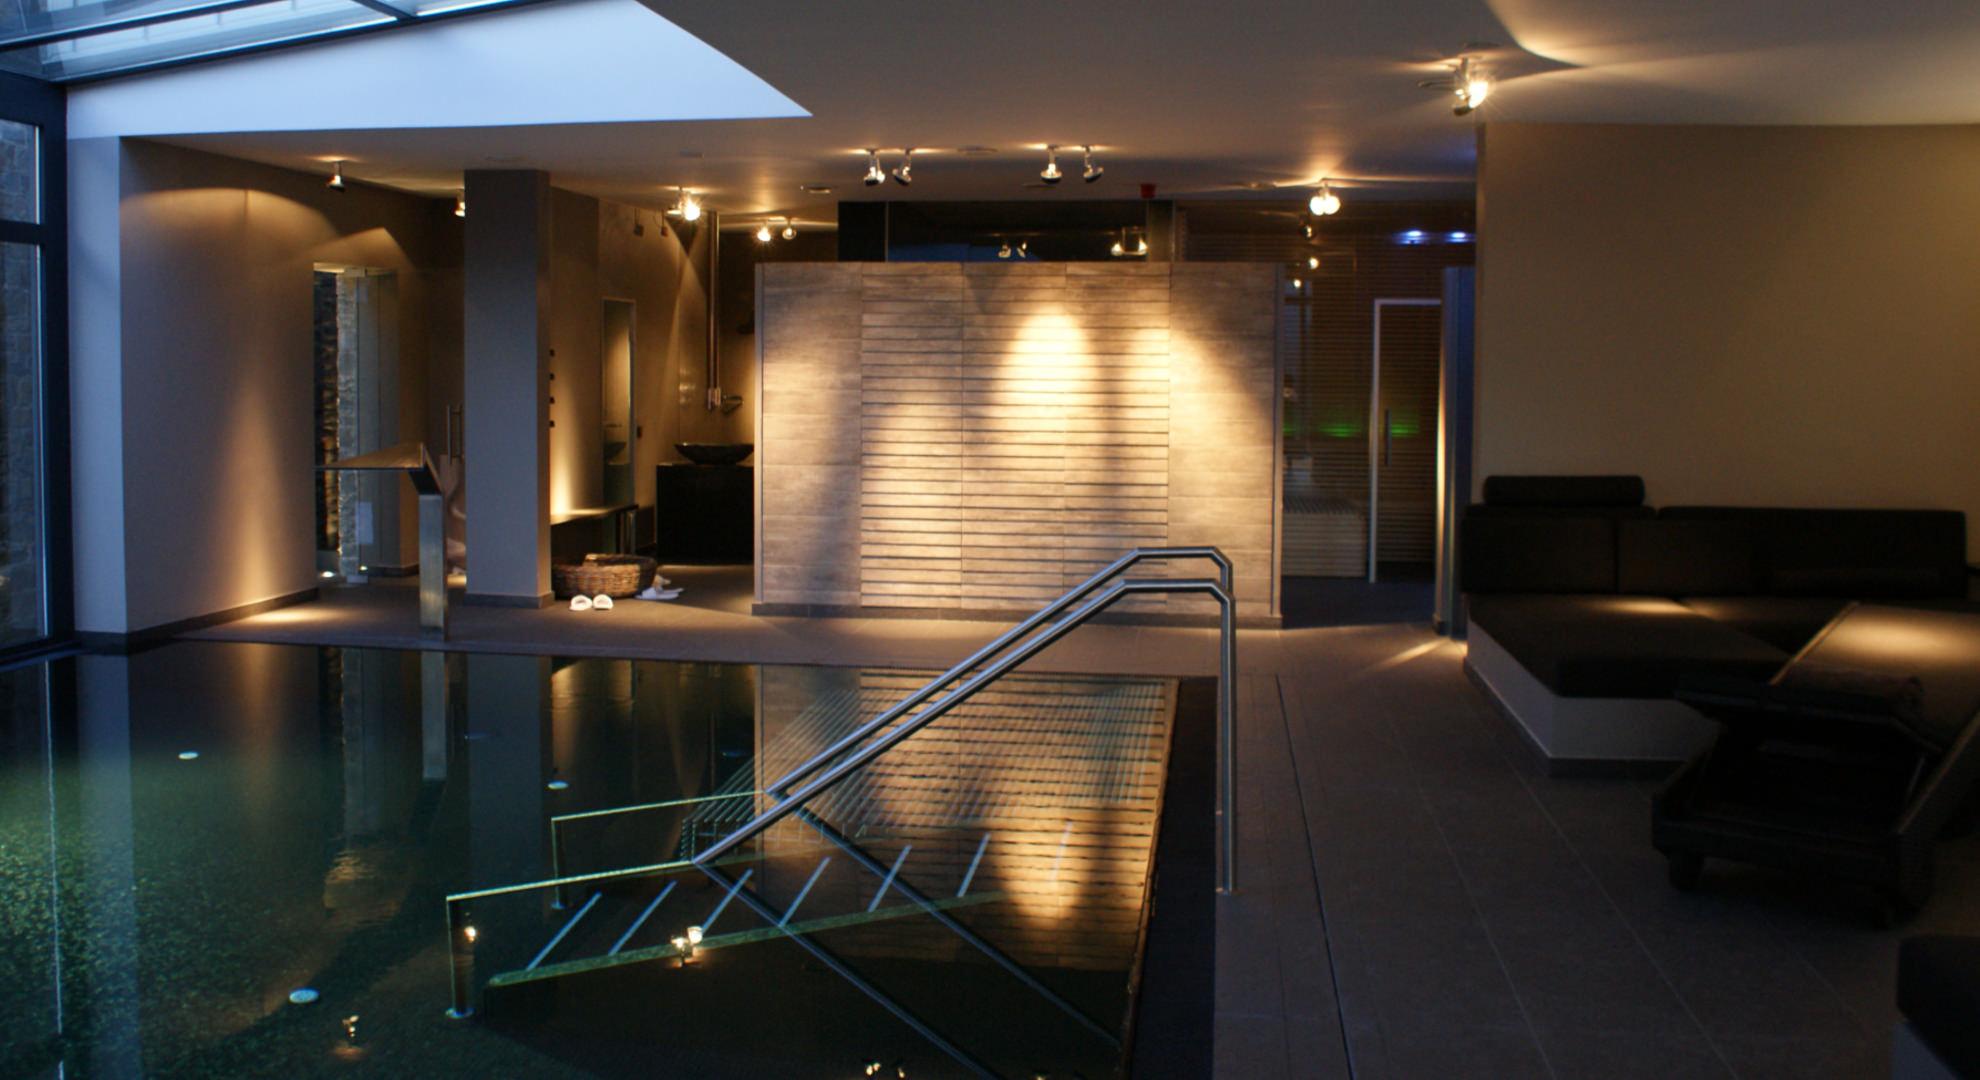 Schöner Wellnessbereich in einem Hotel in Holz und Stein